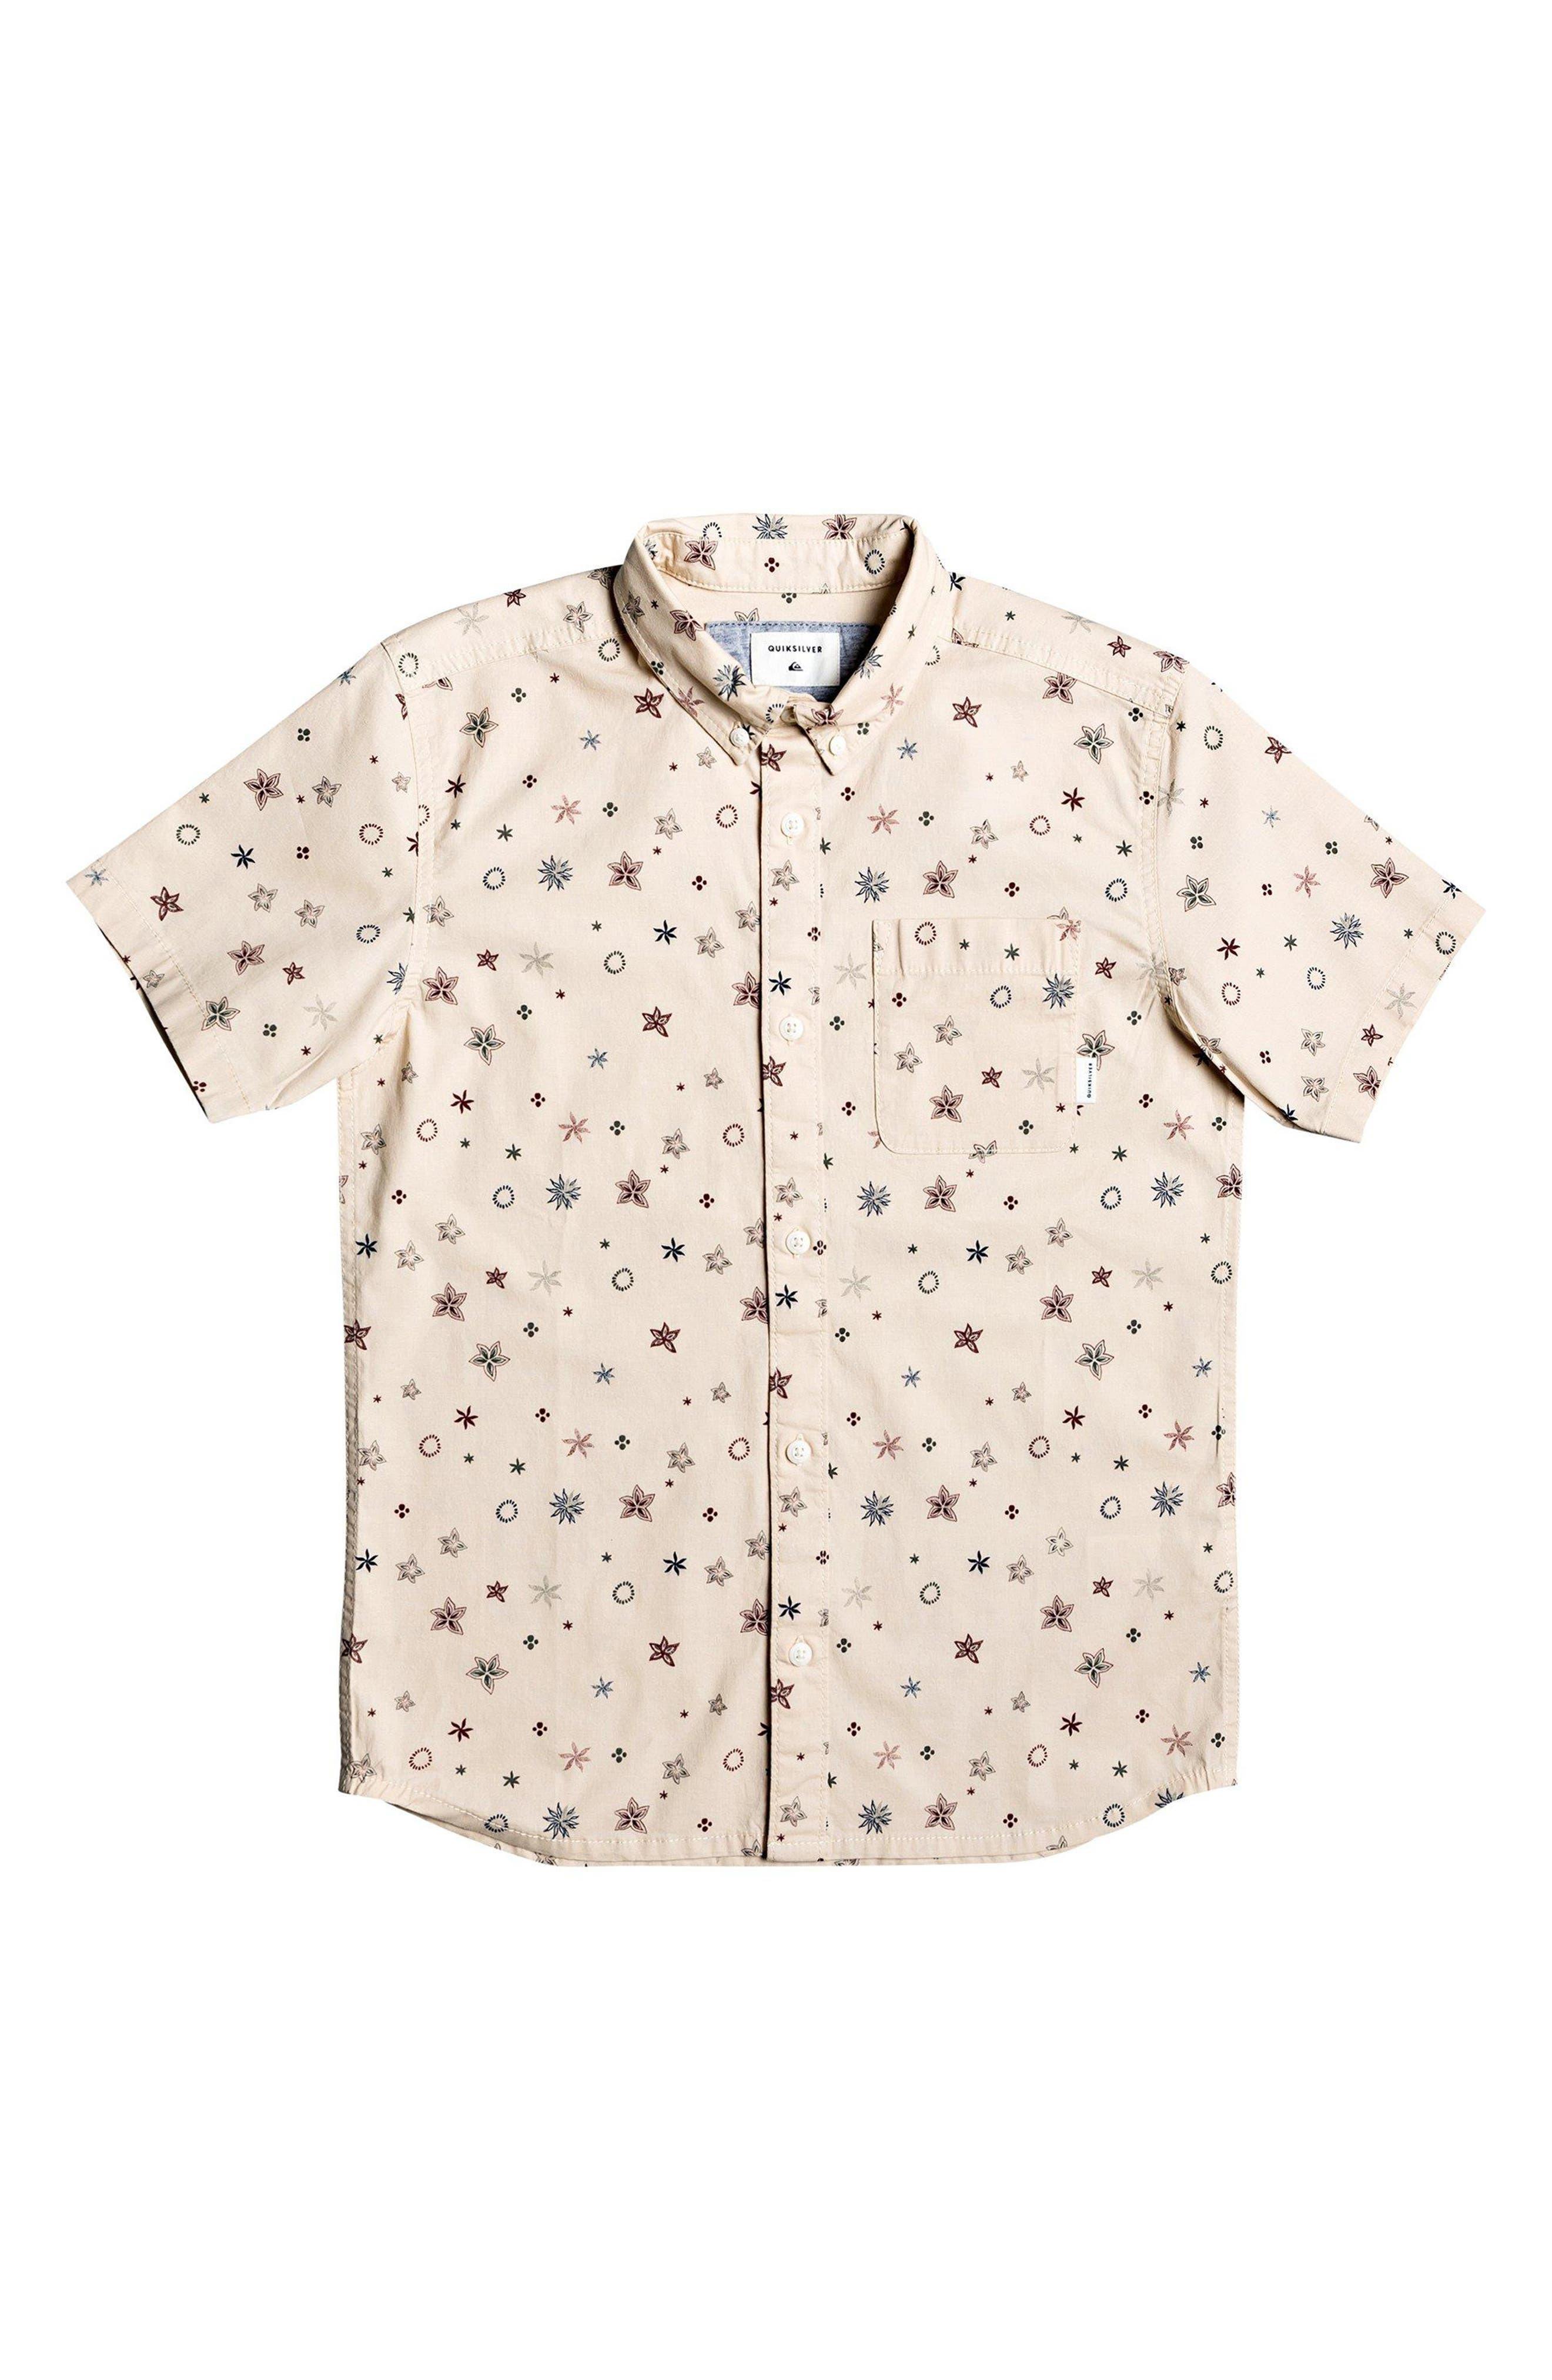 Boys Quiksilver Ditsy Print ButtonDown Shirt Size XL (16)  Brown